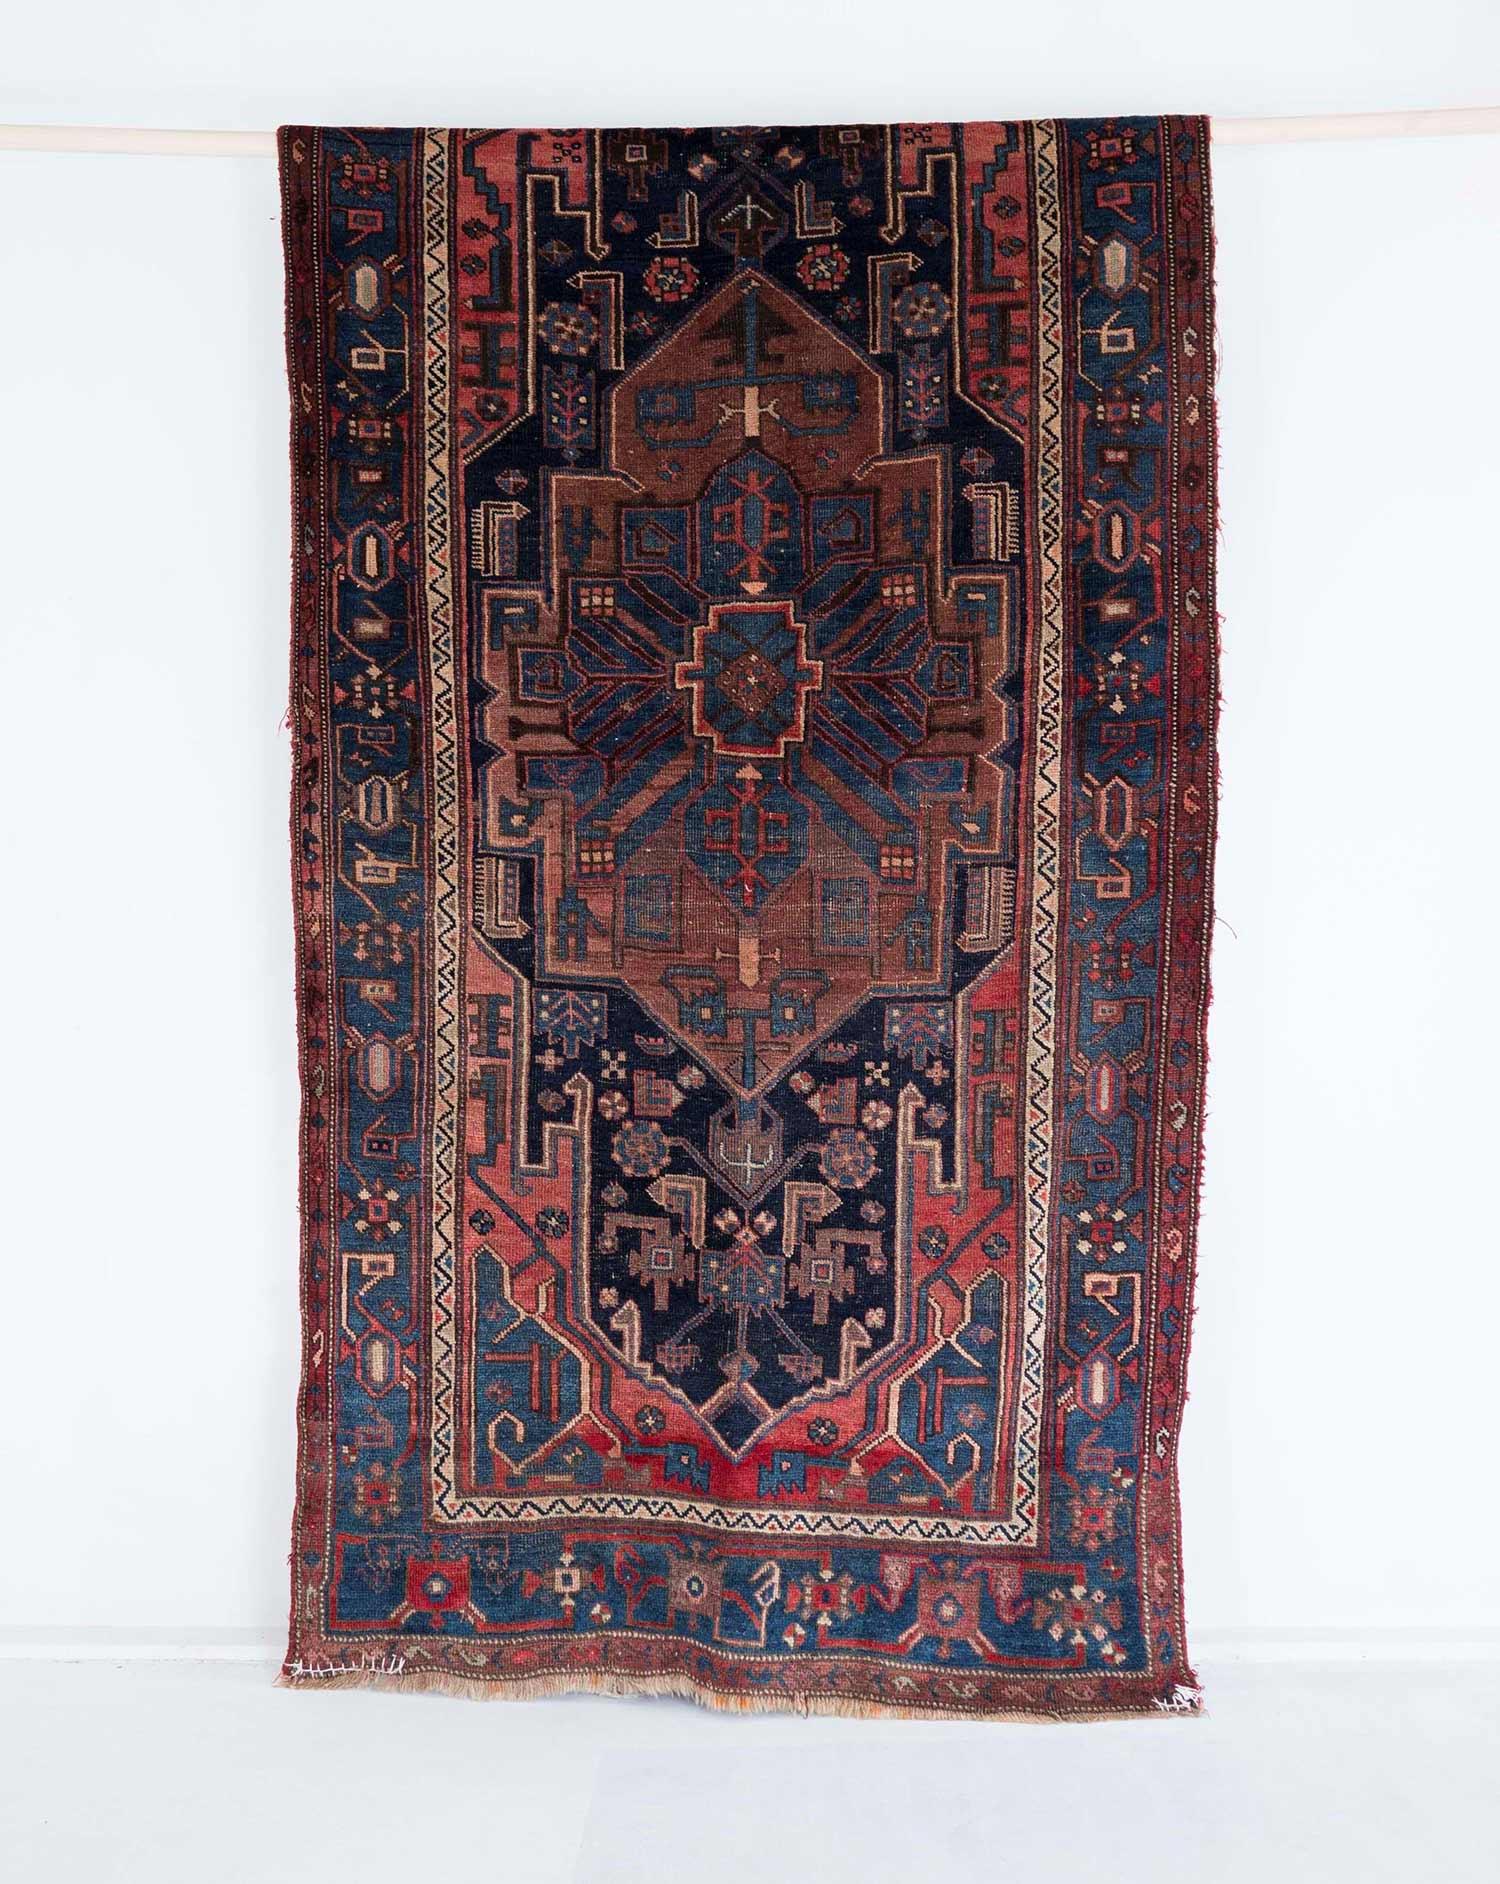 NO. 0006 /  PERSIAN (BIJAR HALVAI) / 90 YEARS / 8'2 x 4'2 FT